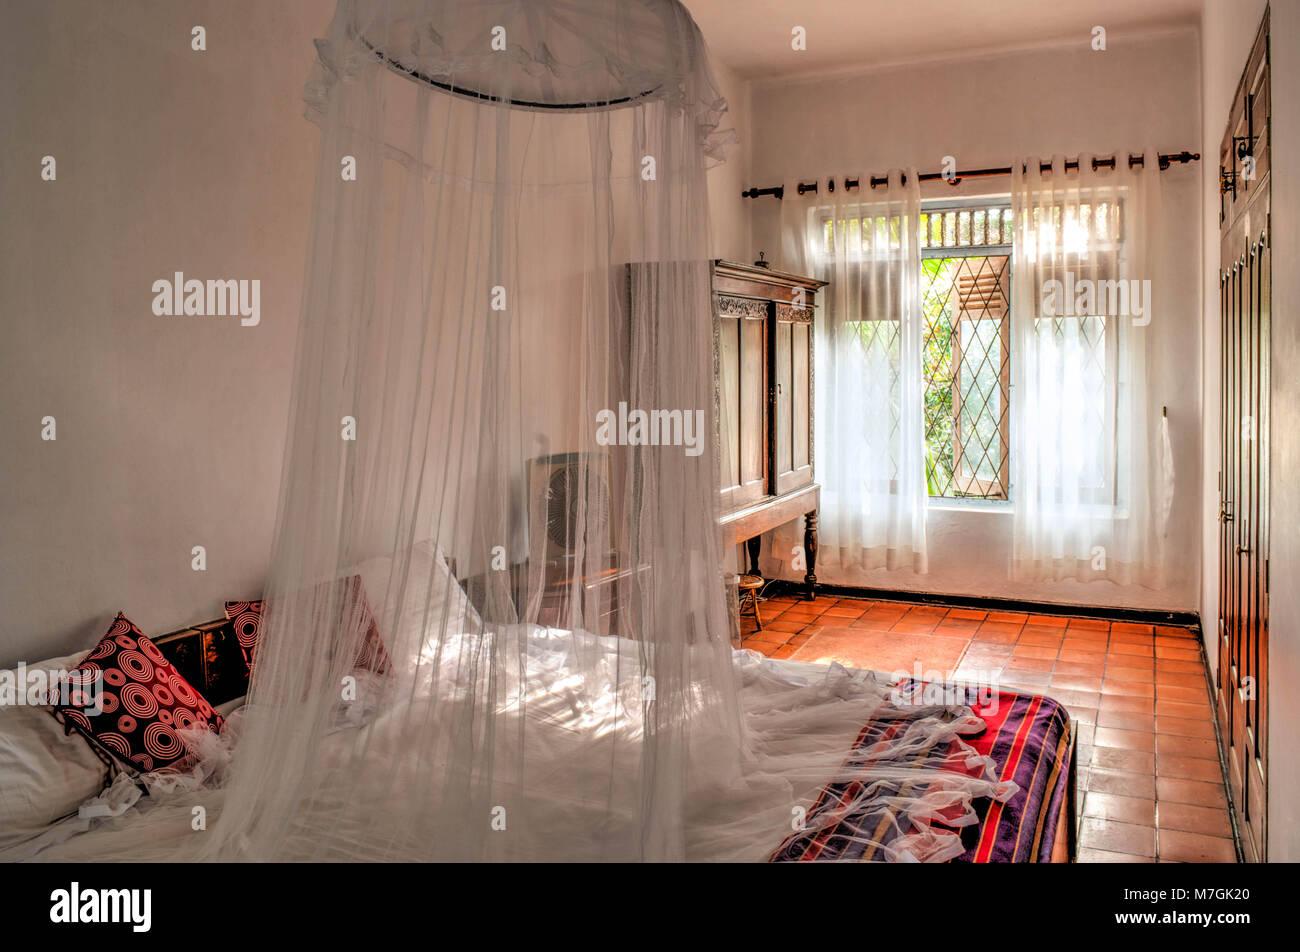 Kolonialstil Schlafzimmer mit Moskitonetz Stockfoto, Bild: 176772456 ...